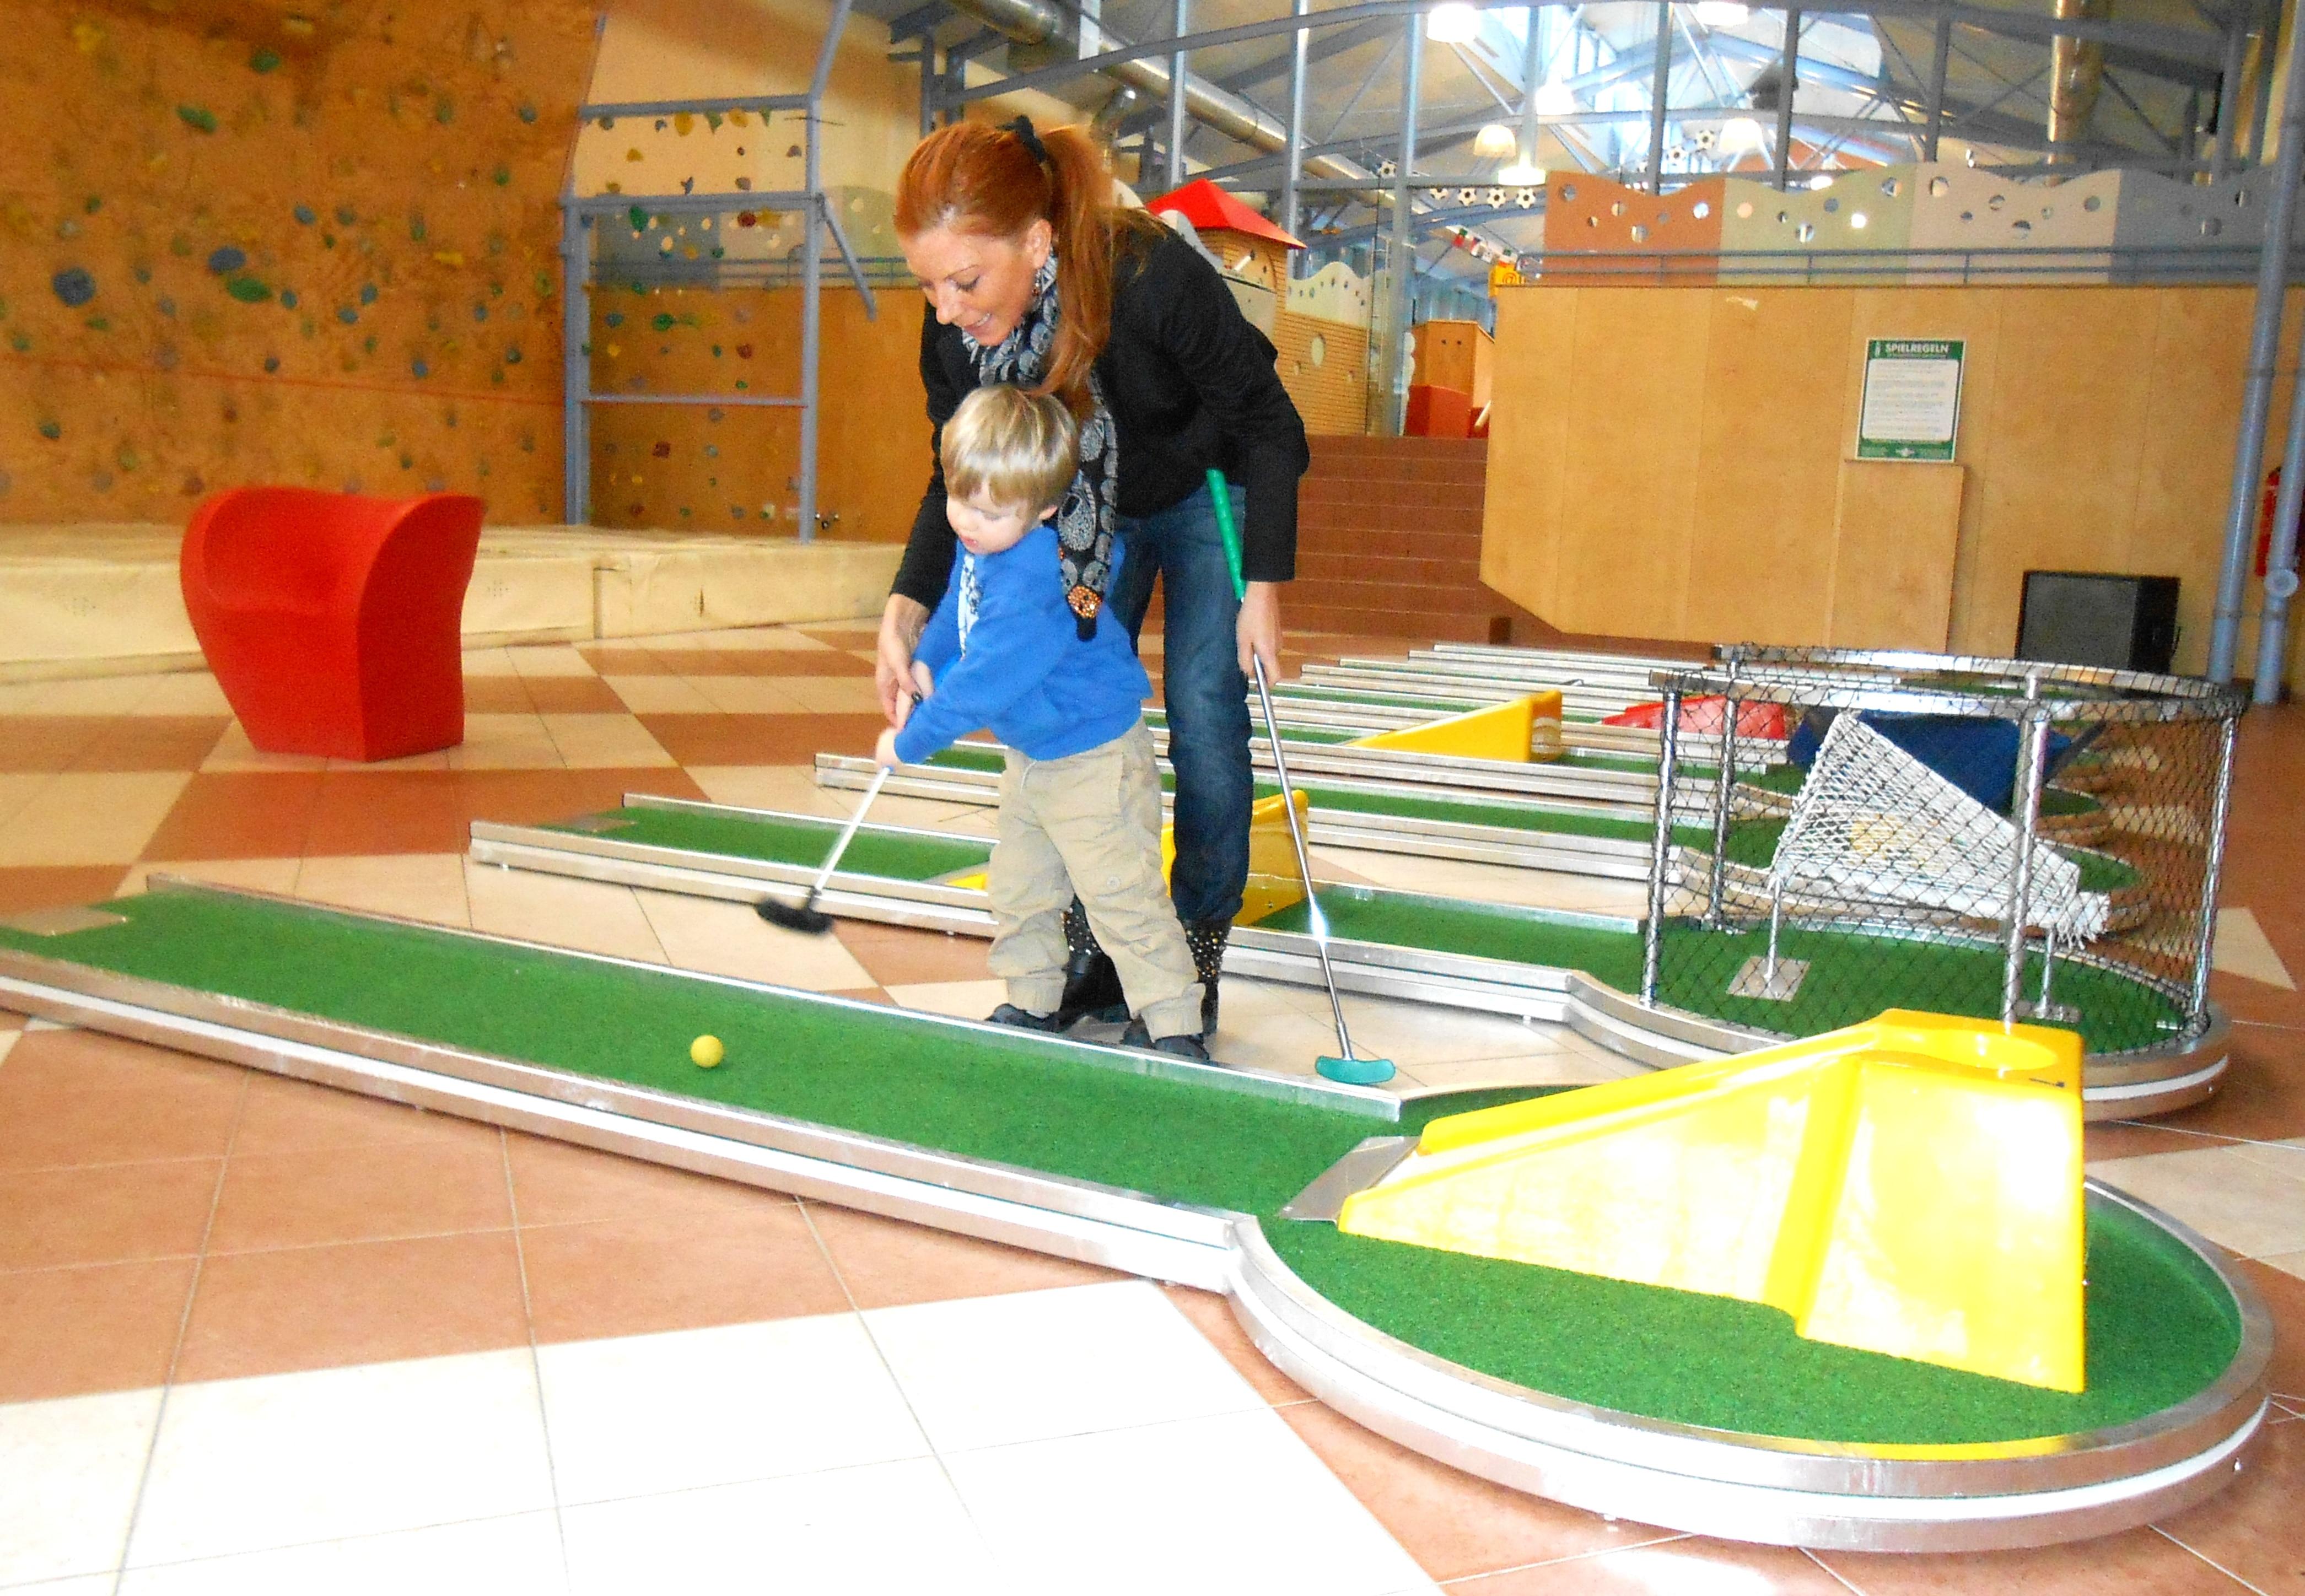 Mutter und Kind spielen Mini-Golf im Indoorspielbereich im JUFA Hotel Gnas - Sport-Resort. Der Ort für erfolgreiches Training in ungezwungener Atmosphäre für Vereine und Teams.